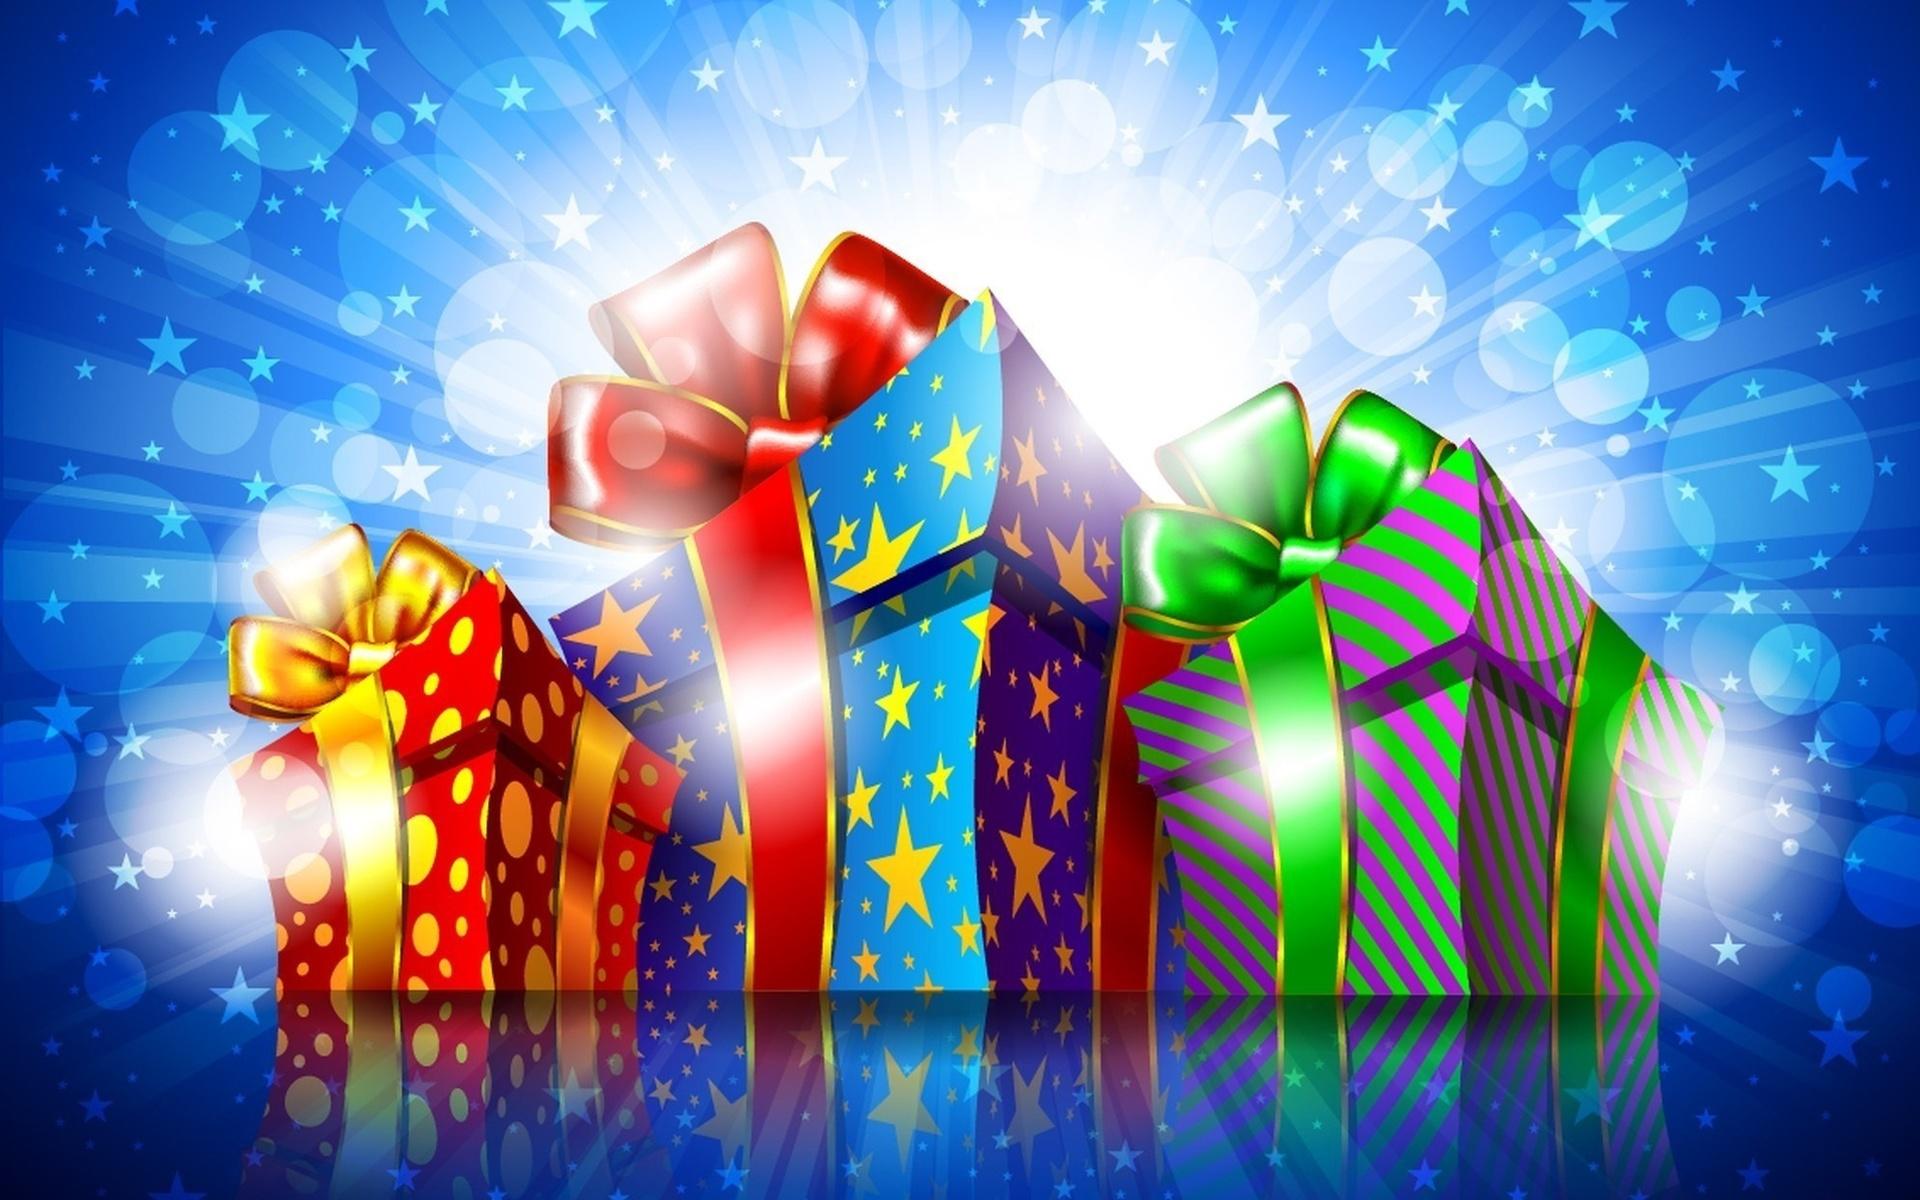 картинки для рекламы подарки